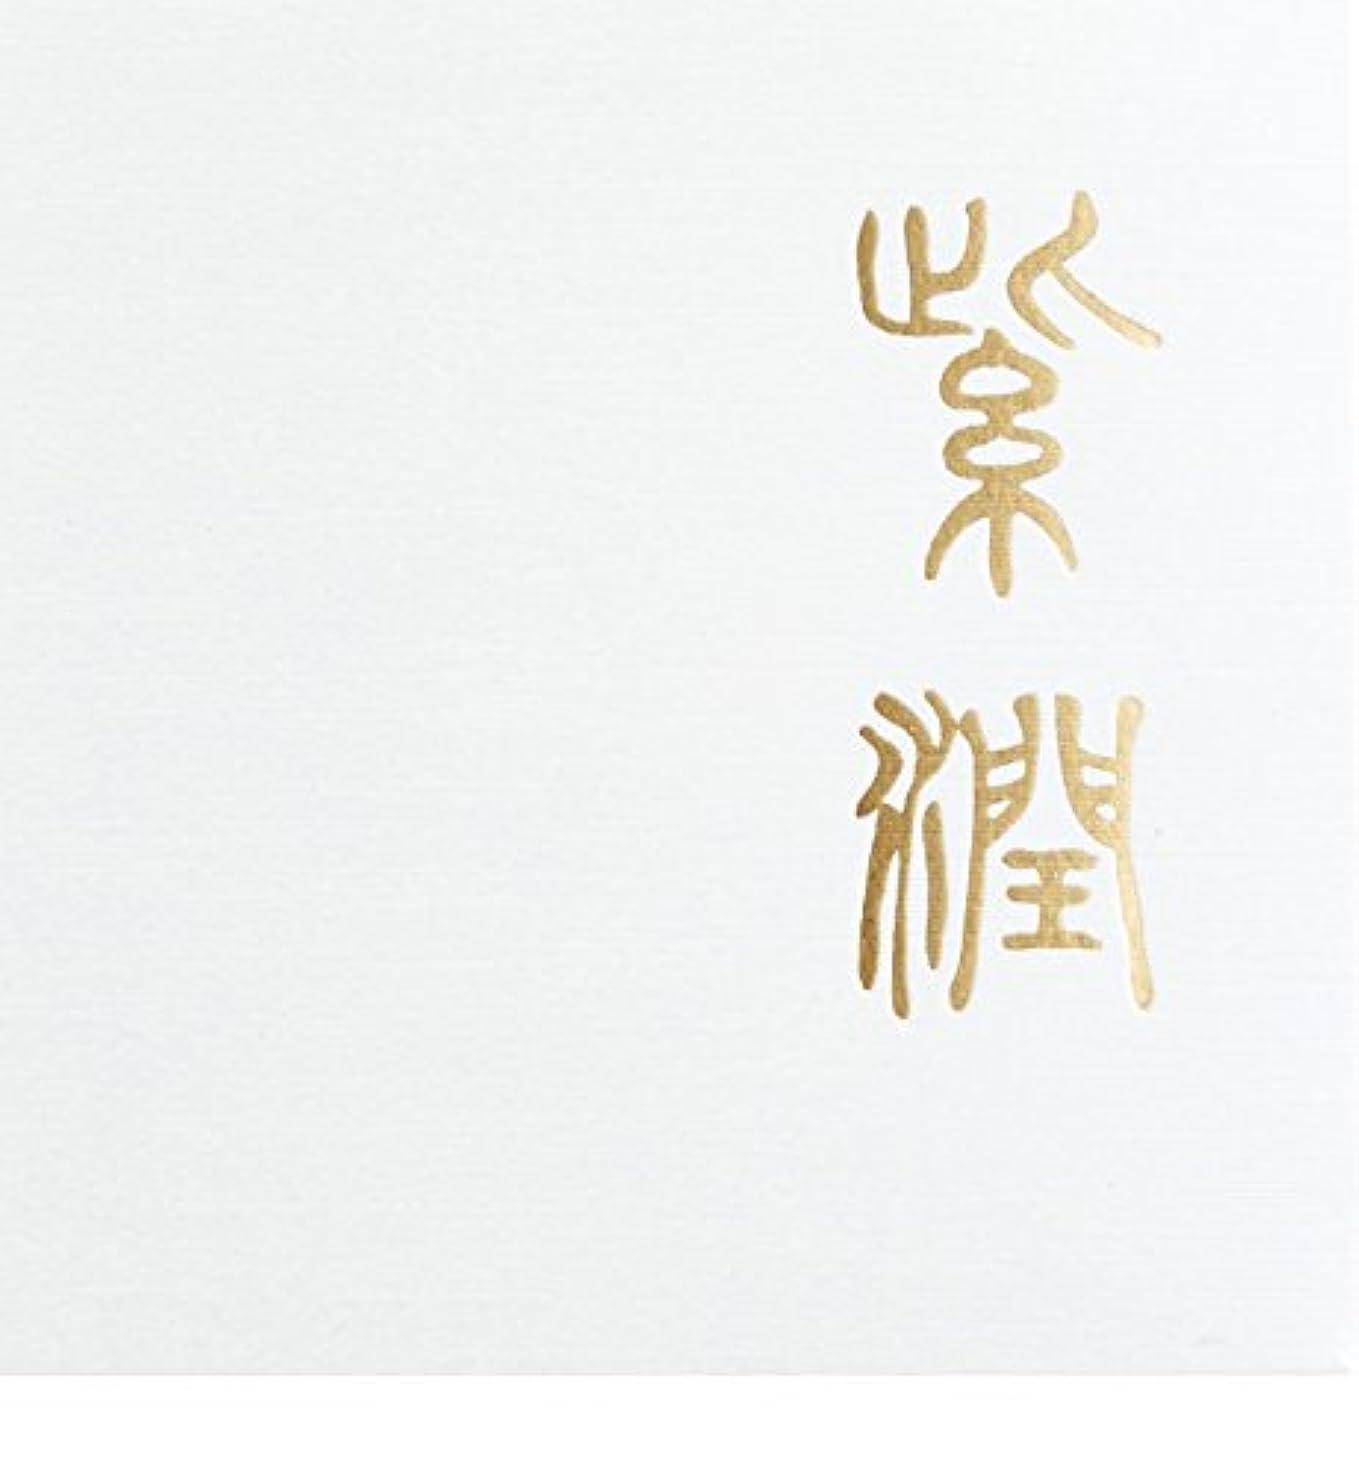 ポンプ薬理学佐賀ペアローザ エステソープ紫潤 100g